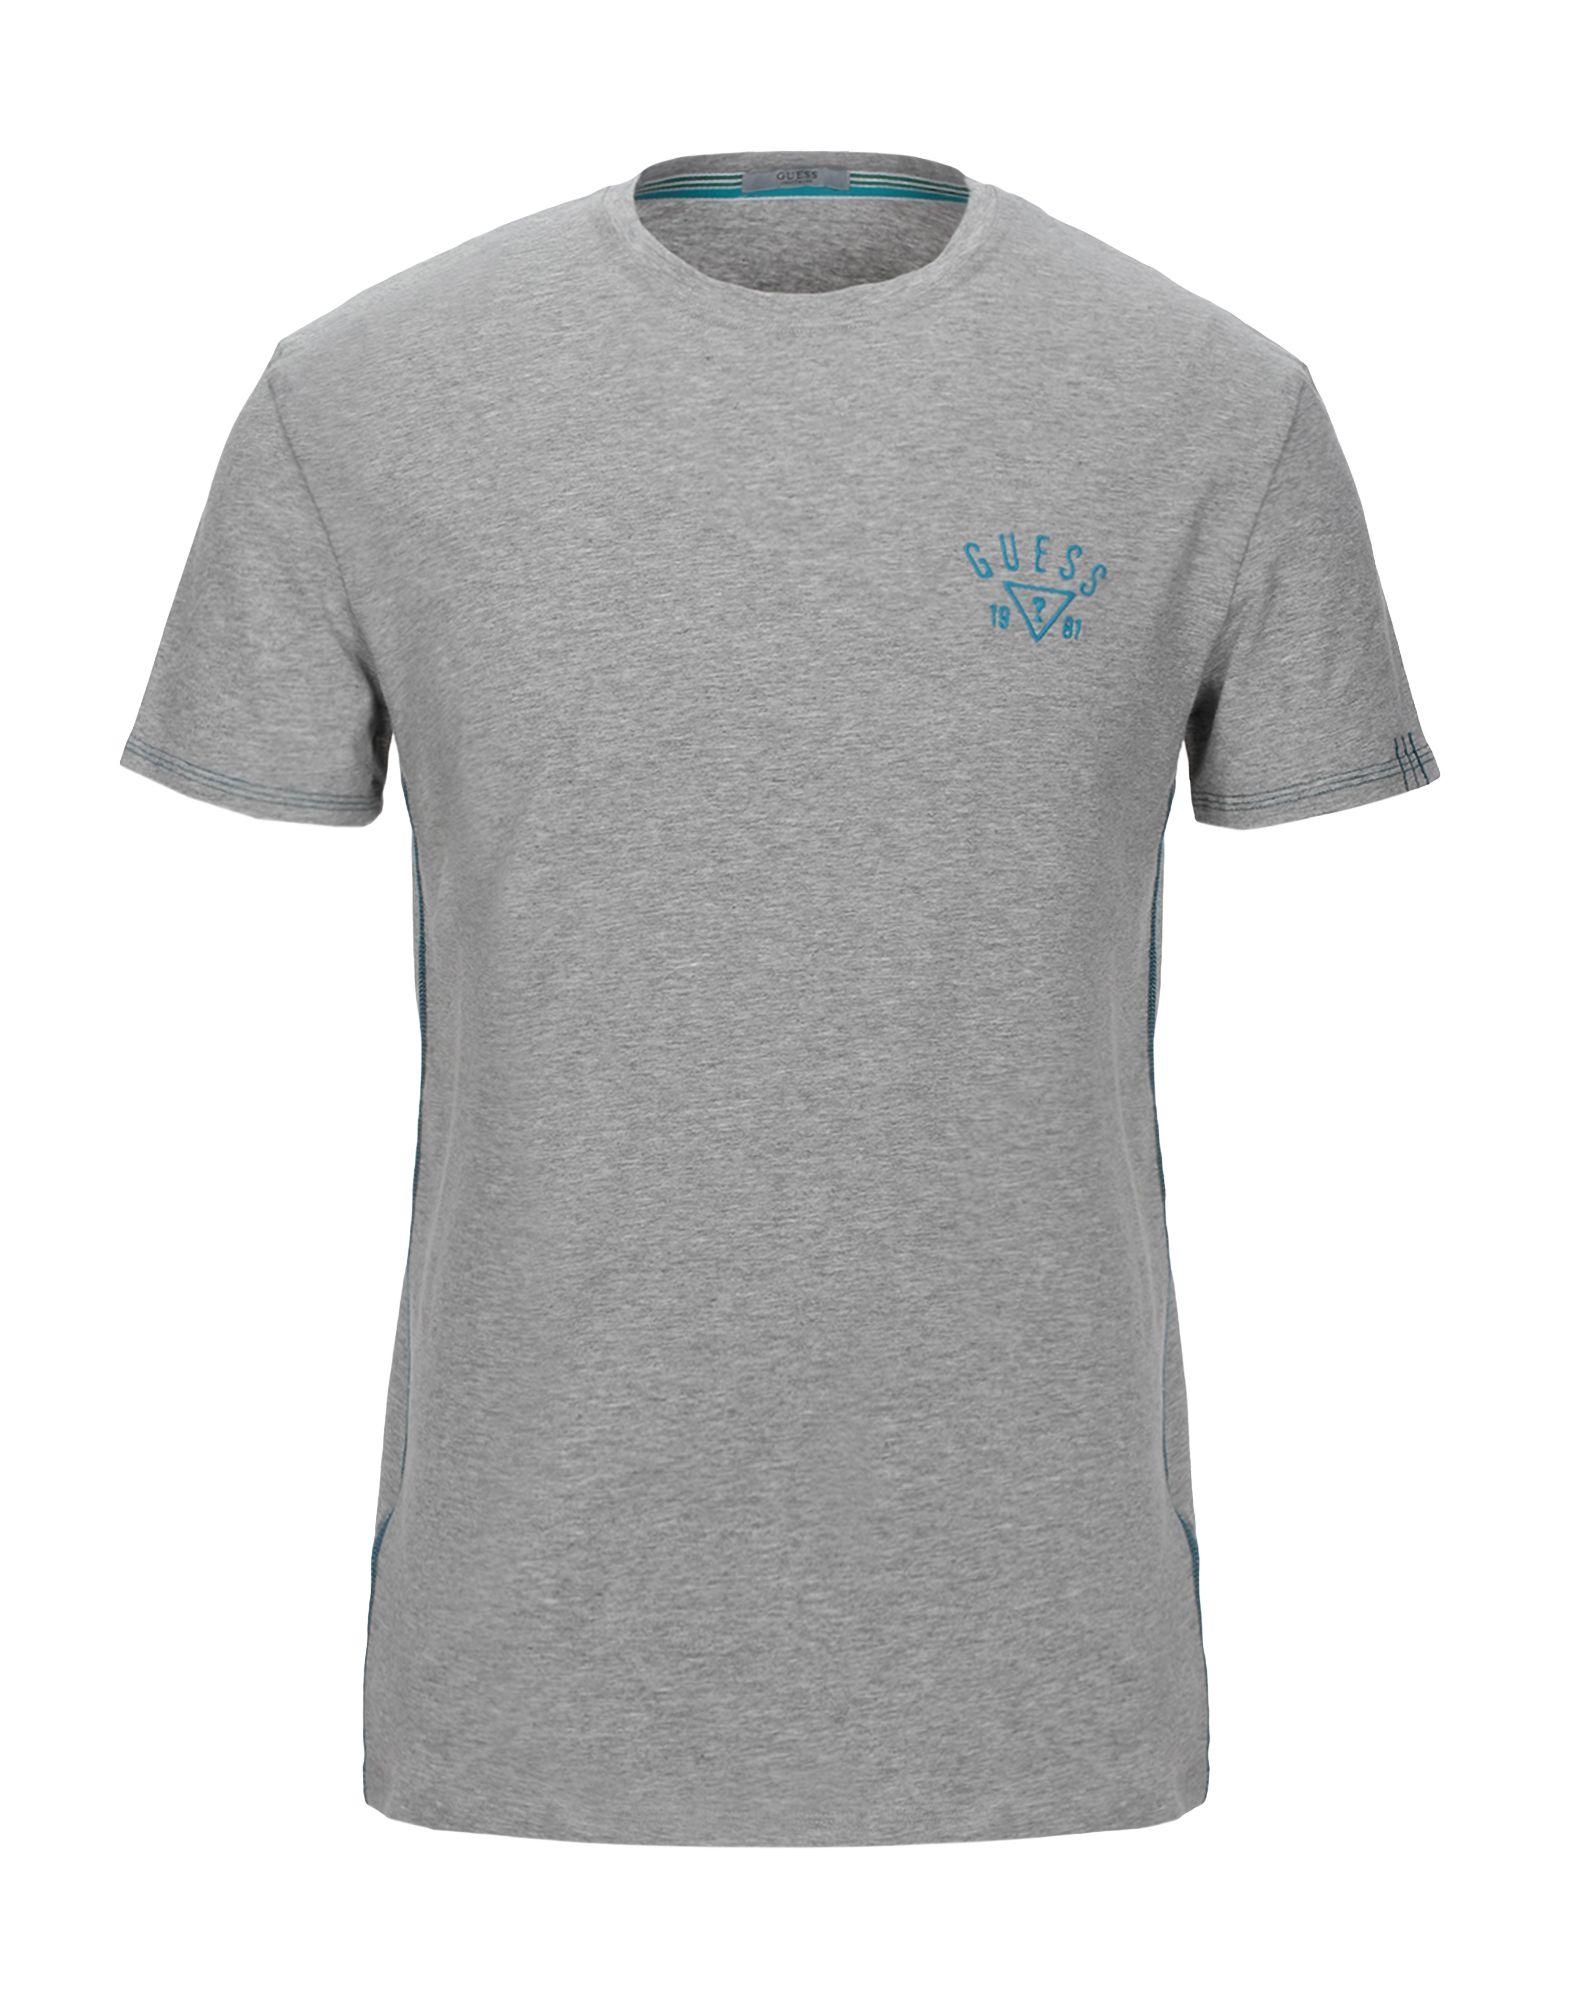 купить мужскую футболку с длинным рукавом в интернет магазине